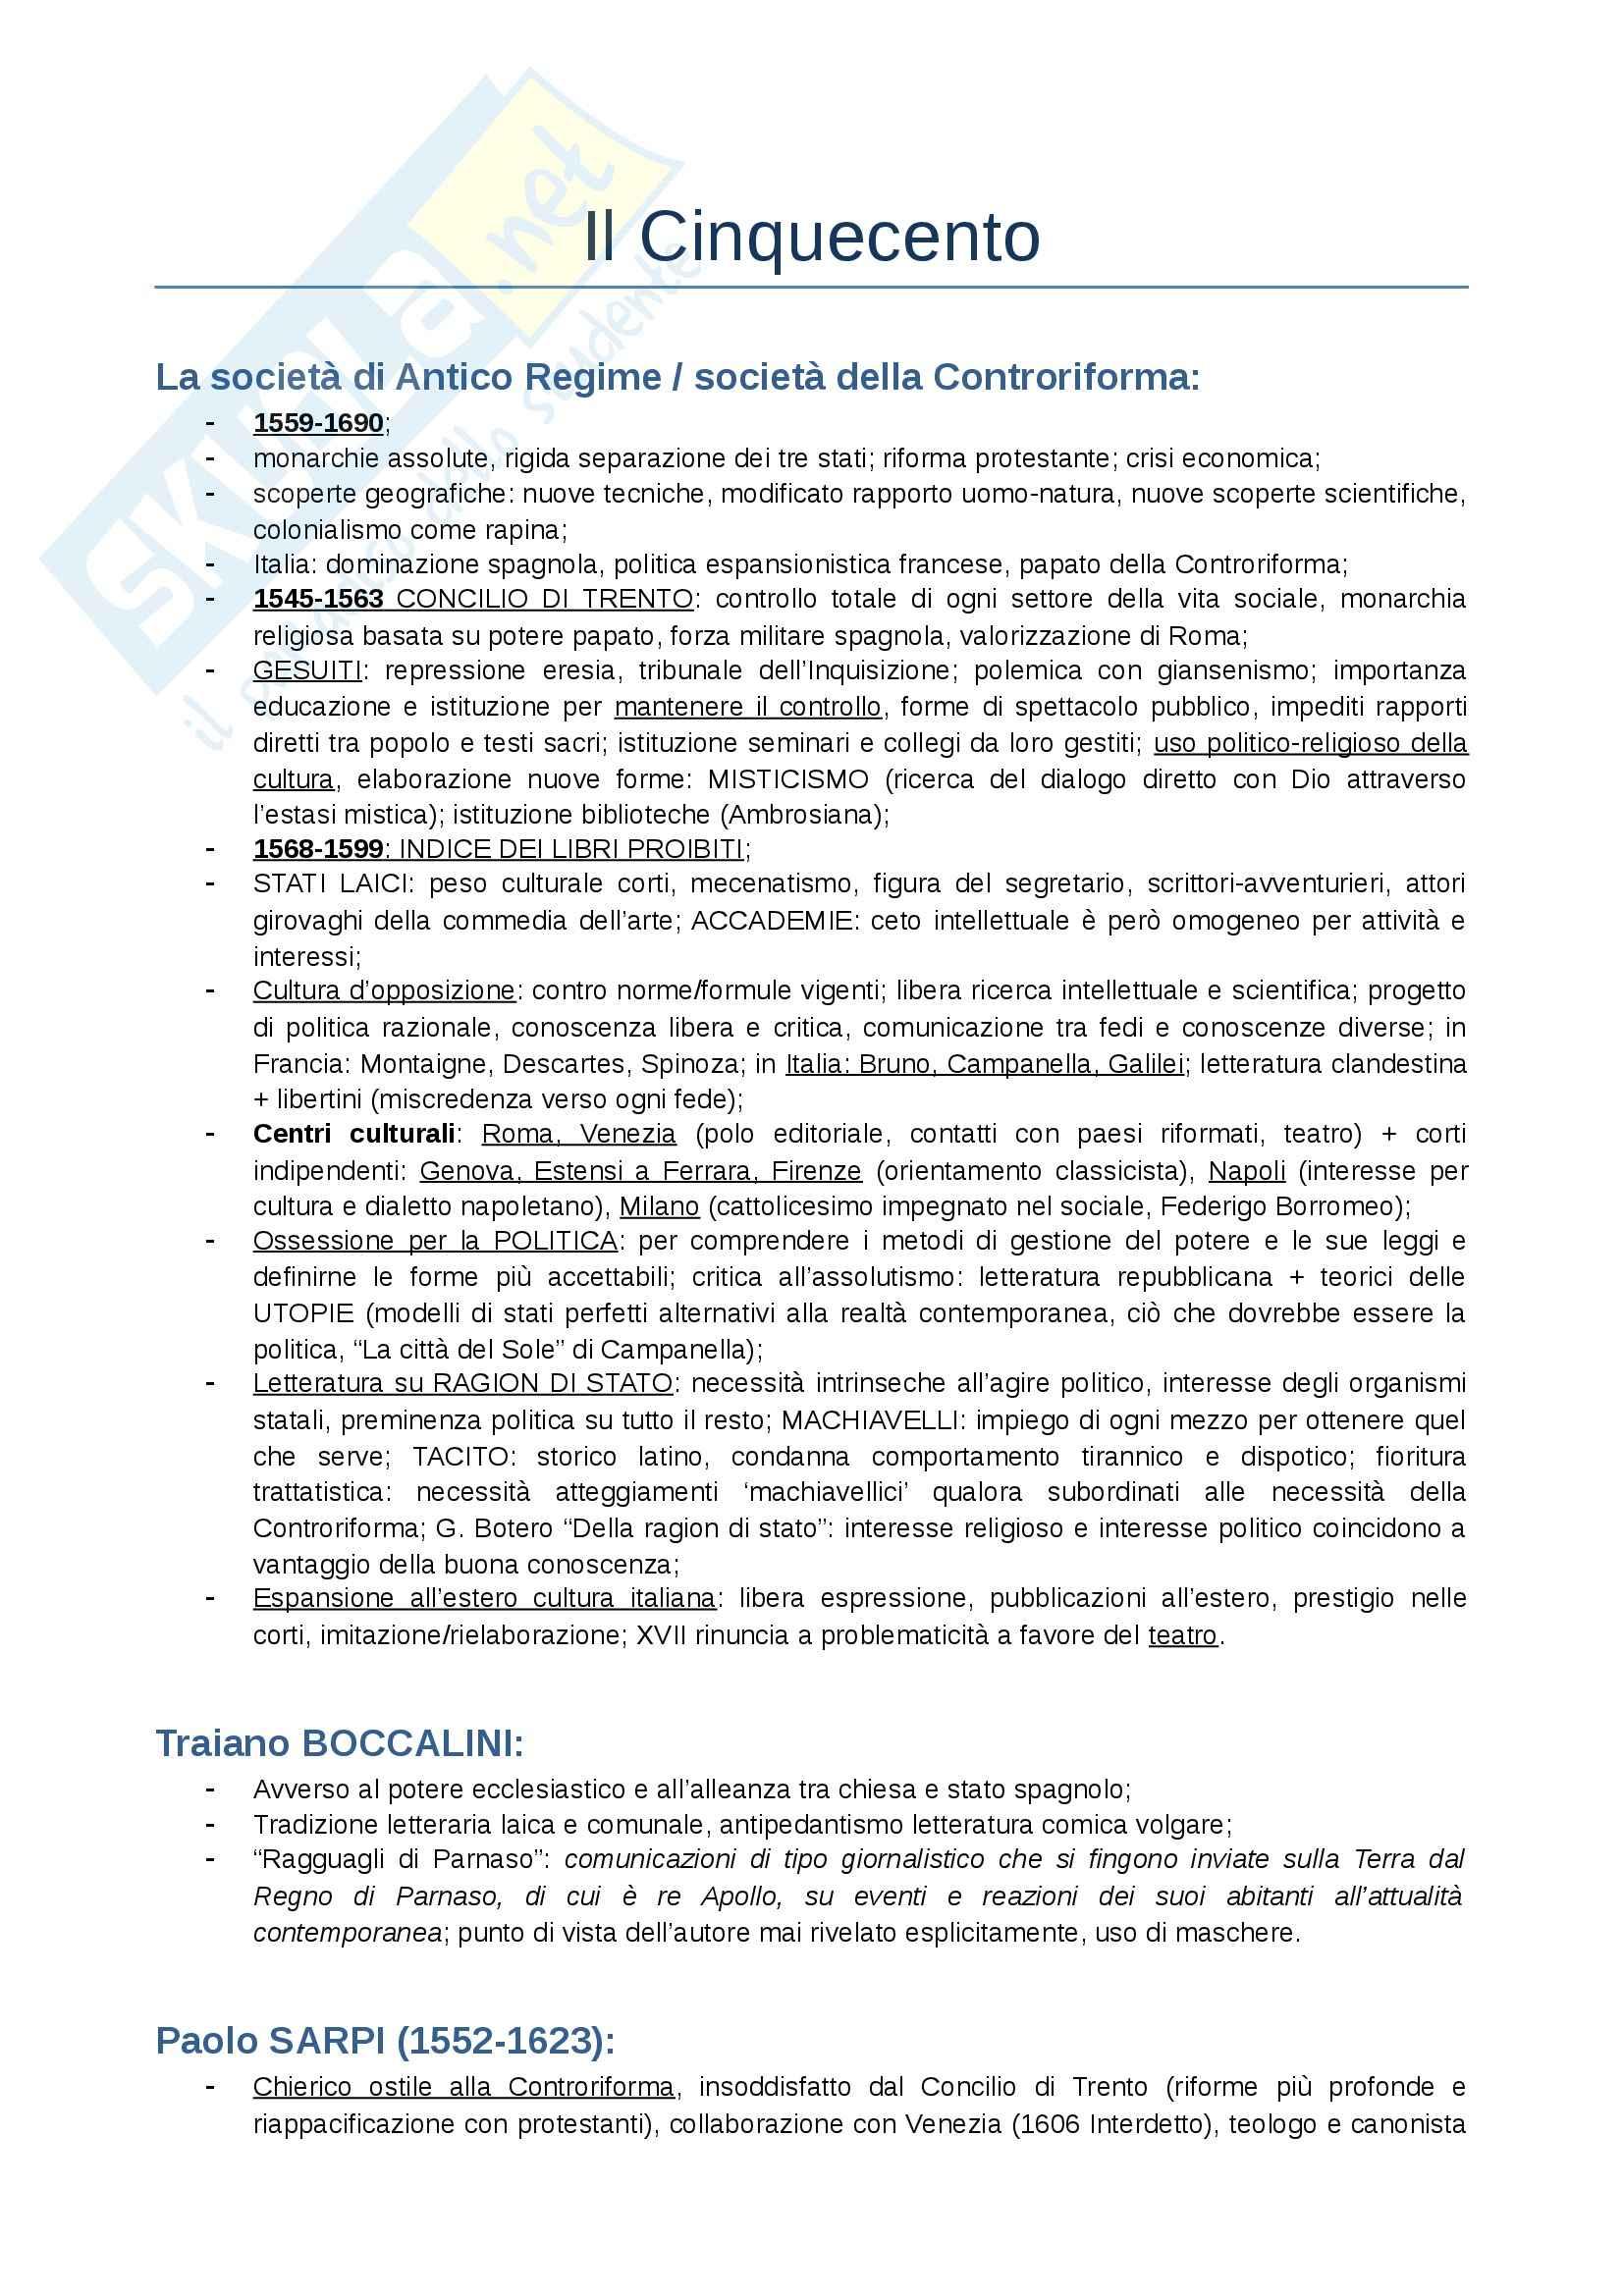 Letteratura italiana II - il Cinquecento